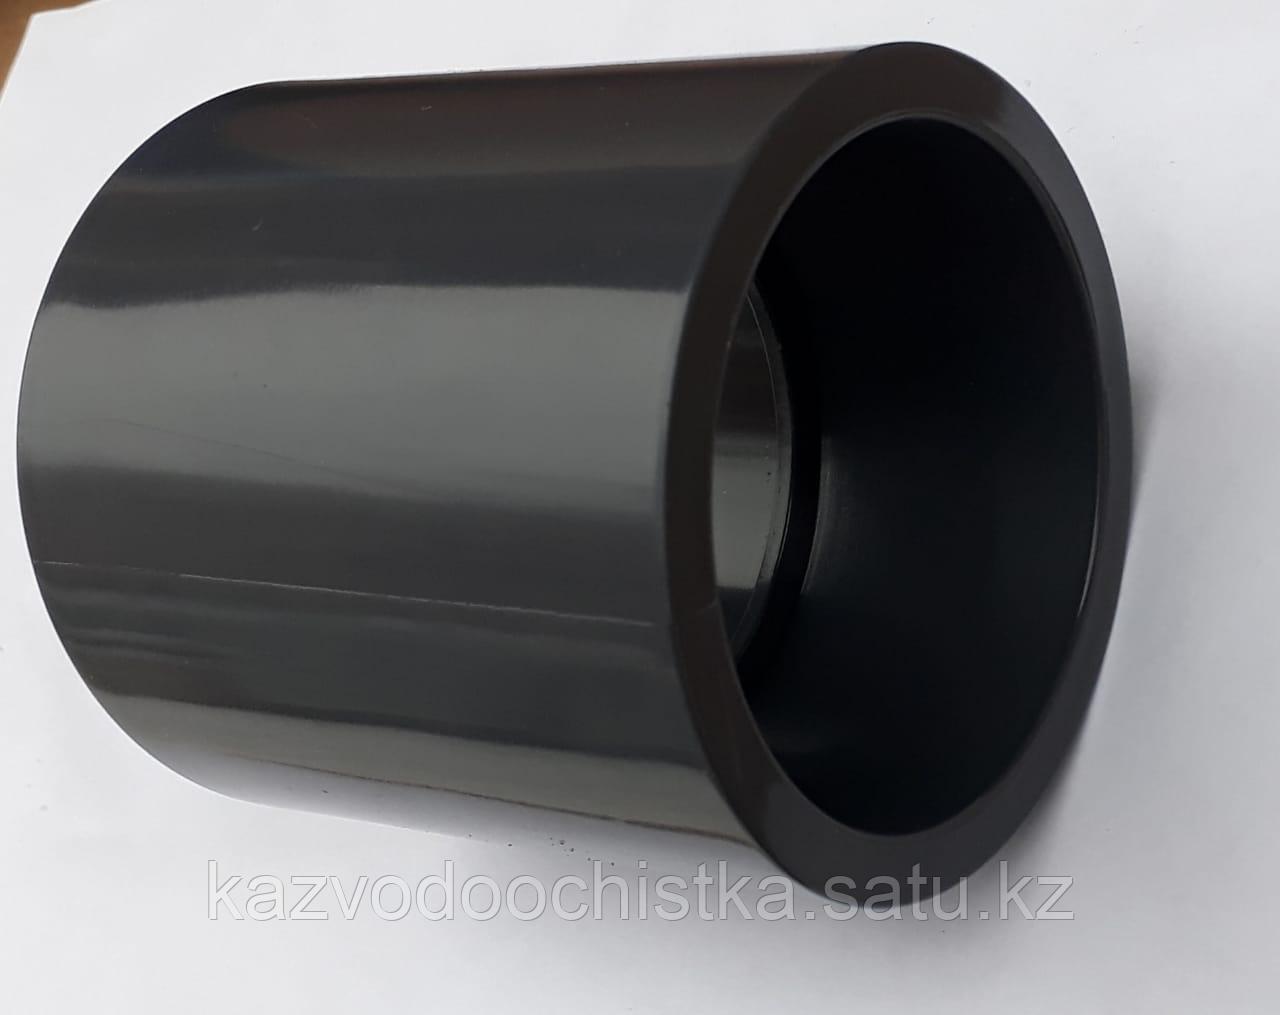 ПВХ Муфта неразъемная  (COUPLING) 63 мм.